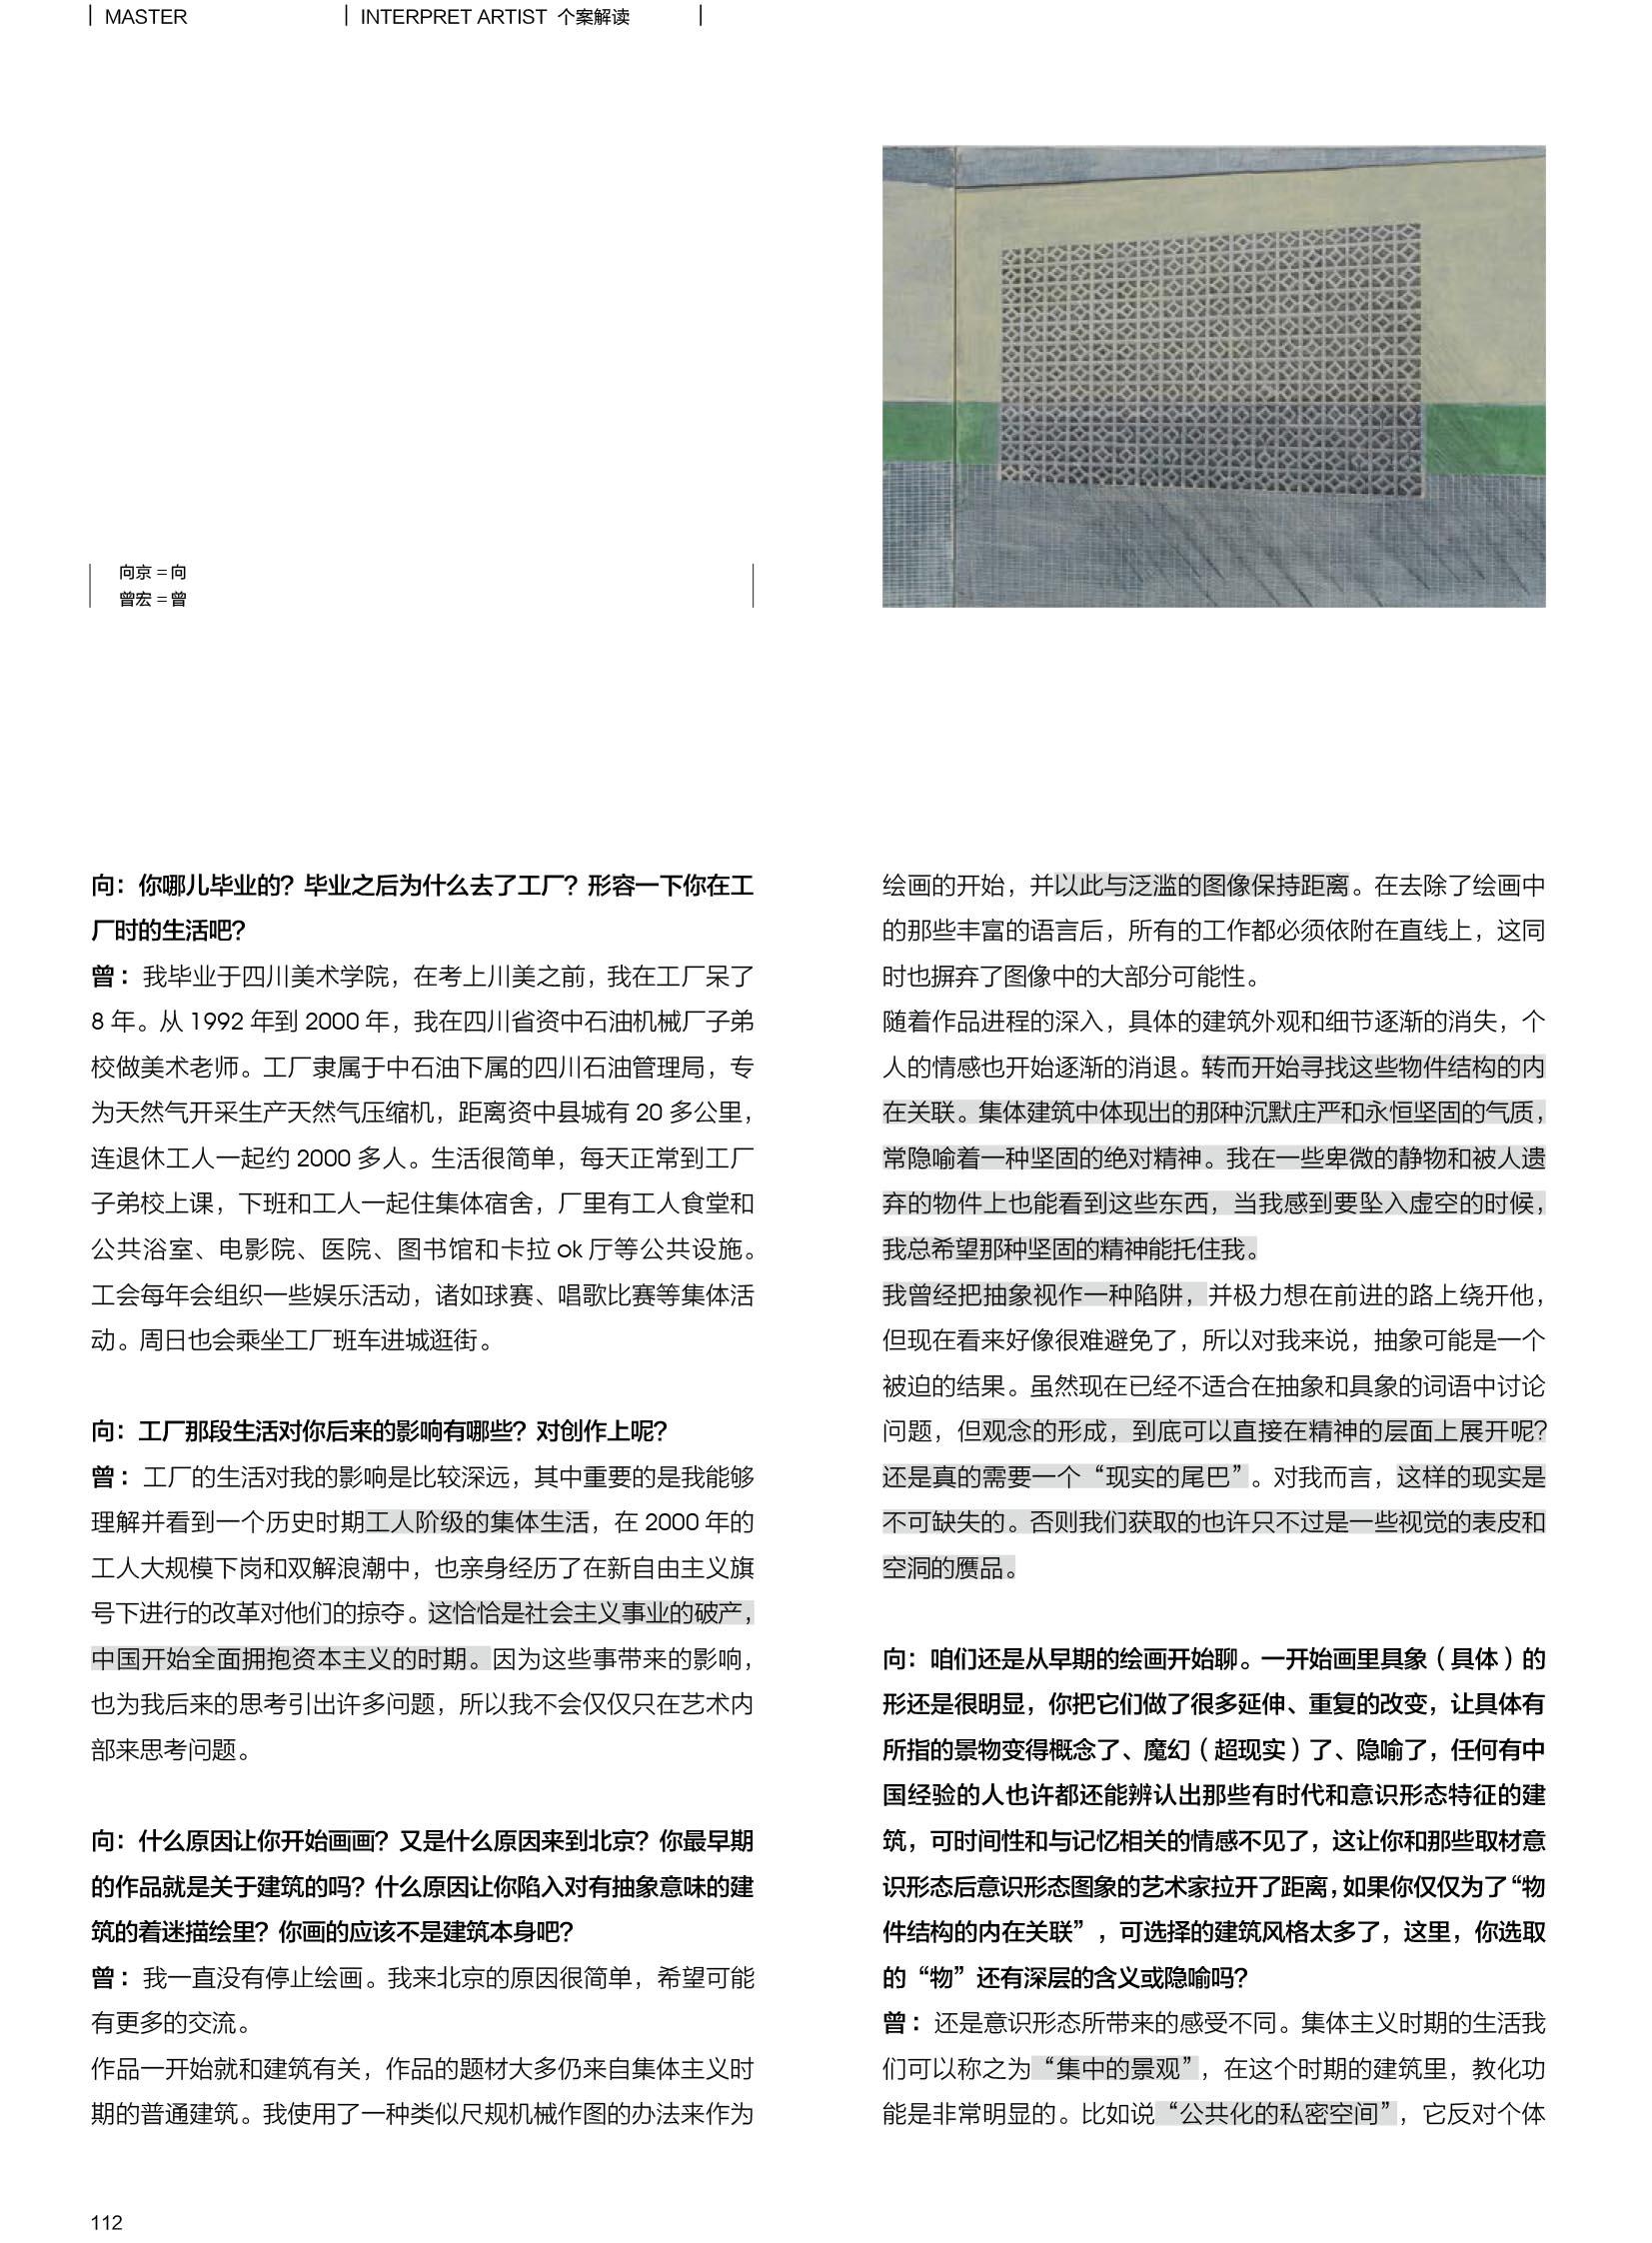 曾宏-3.jpg